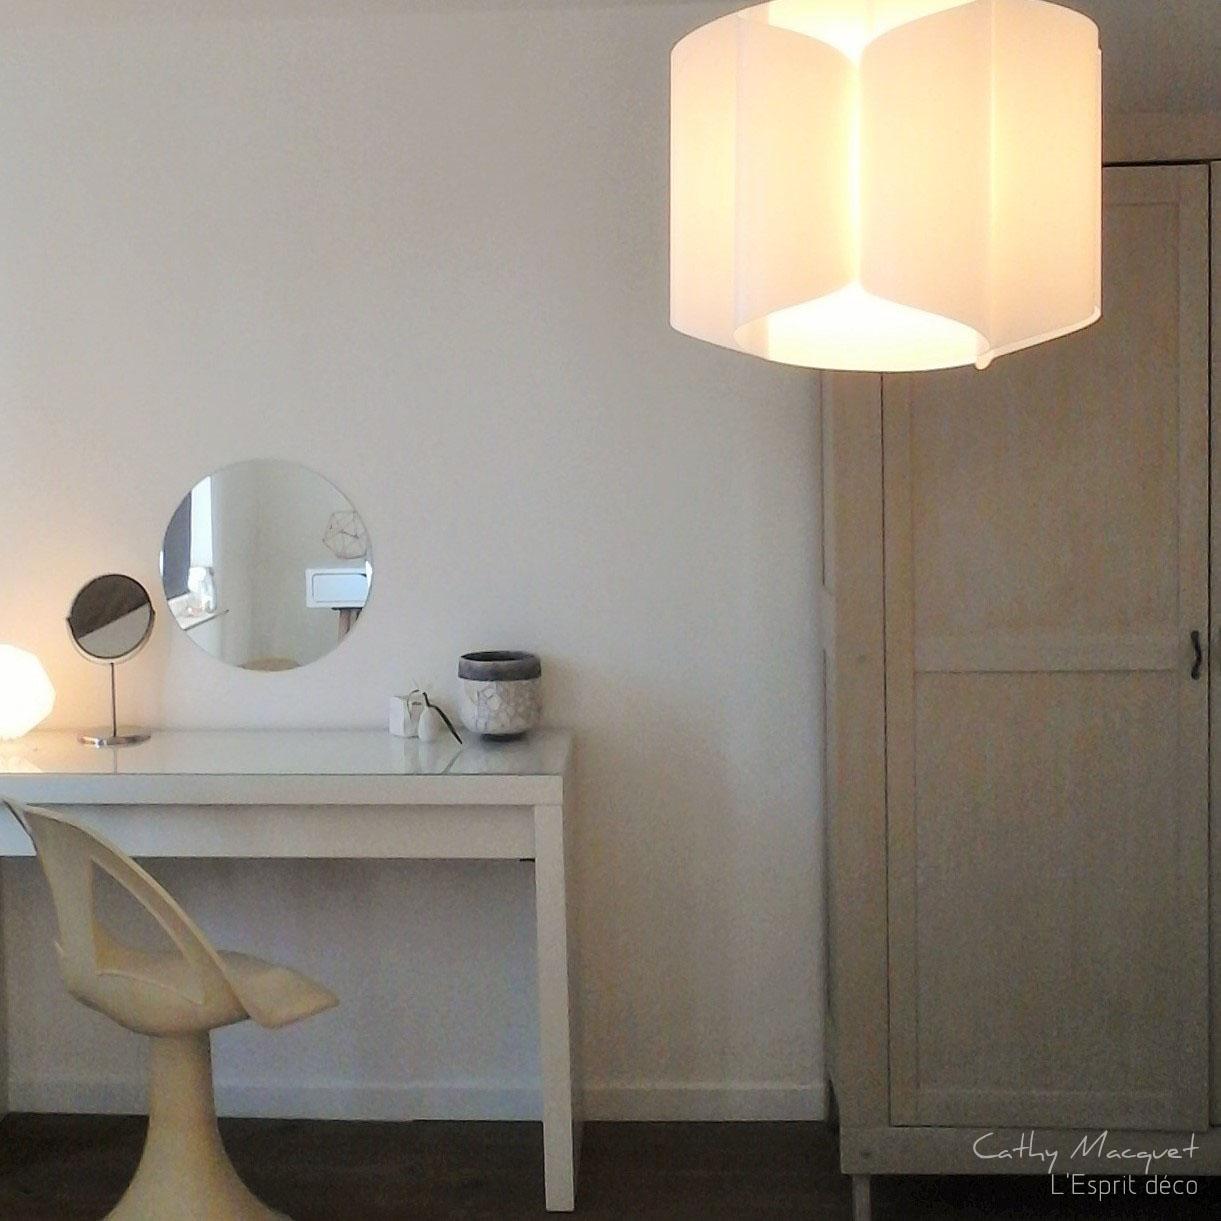 l\'Esprit Déco - Cathy Macquet: Une chambre blanche...